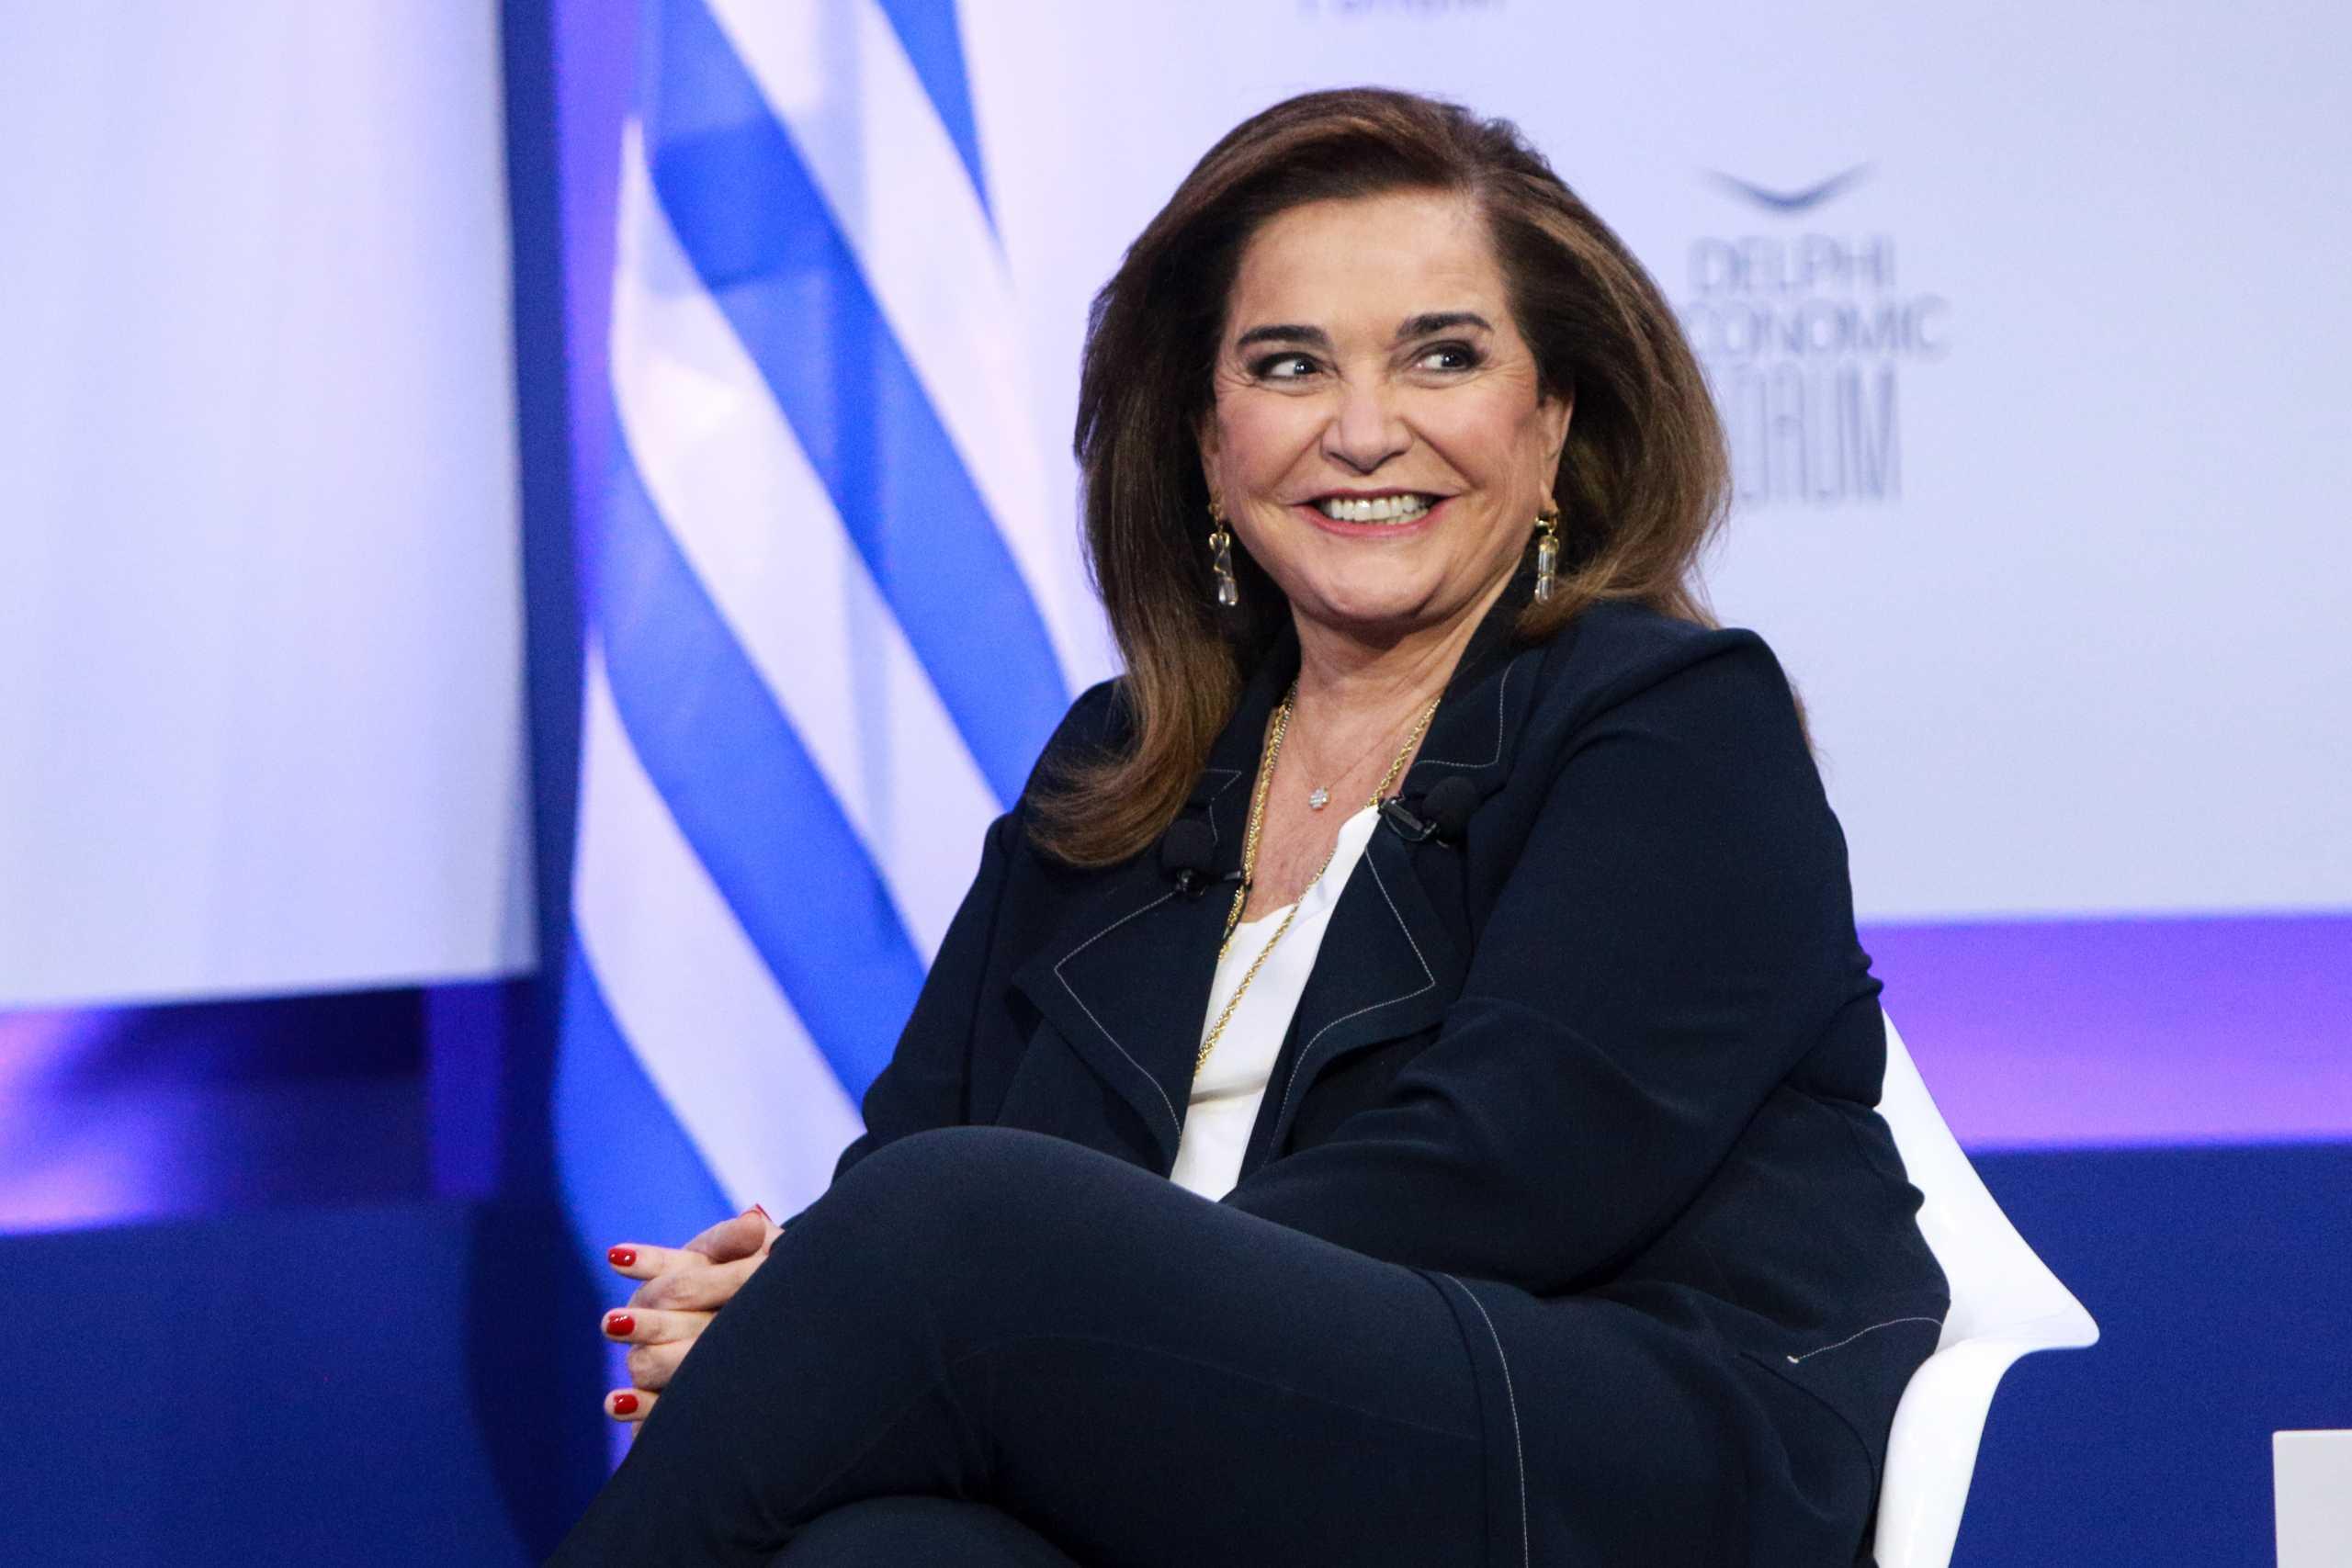 Ντόρα Μπακογιάννη για ελληνοτουρκικά: Είναι ώρα επιθετικής διπλωματίας